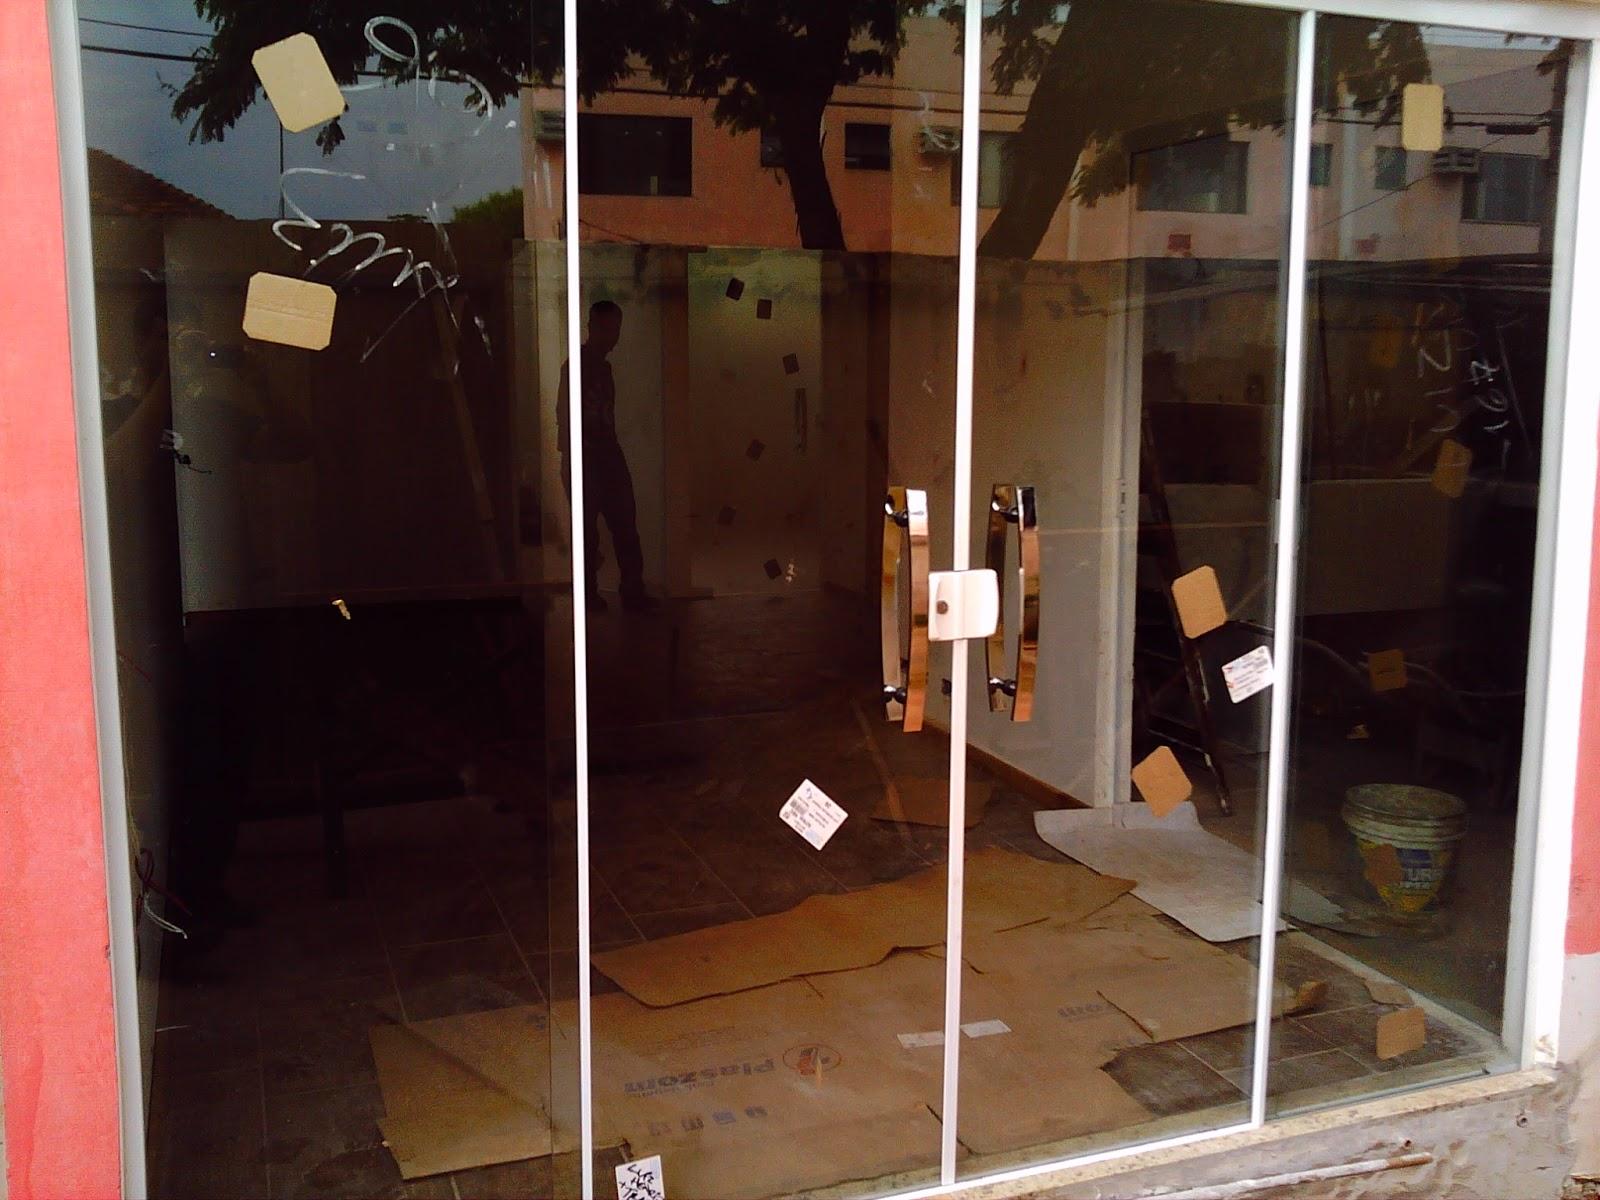 #A83123 AF4 TEMPER VIDROS: Portas pivotante e janelas vidro pontilhado 246 Janelas De Vidro Pivotantes